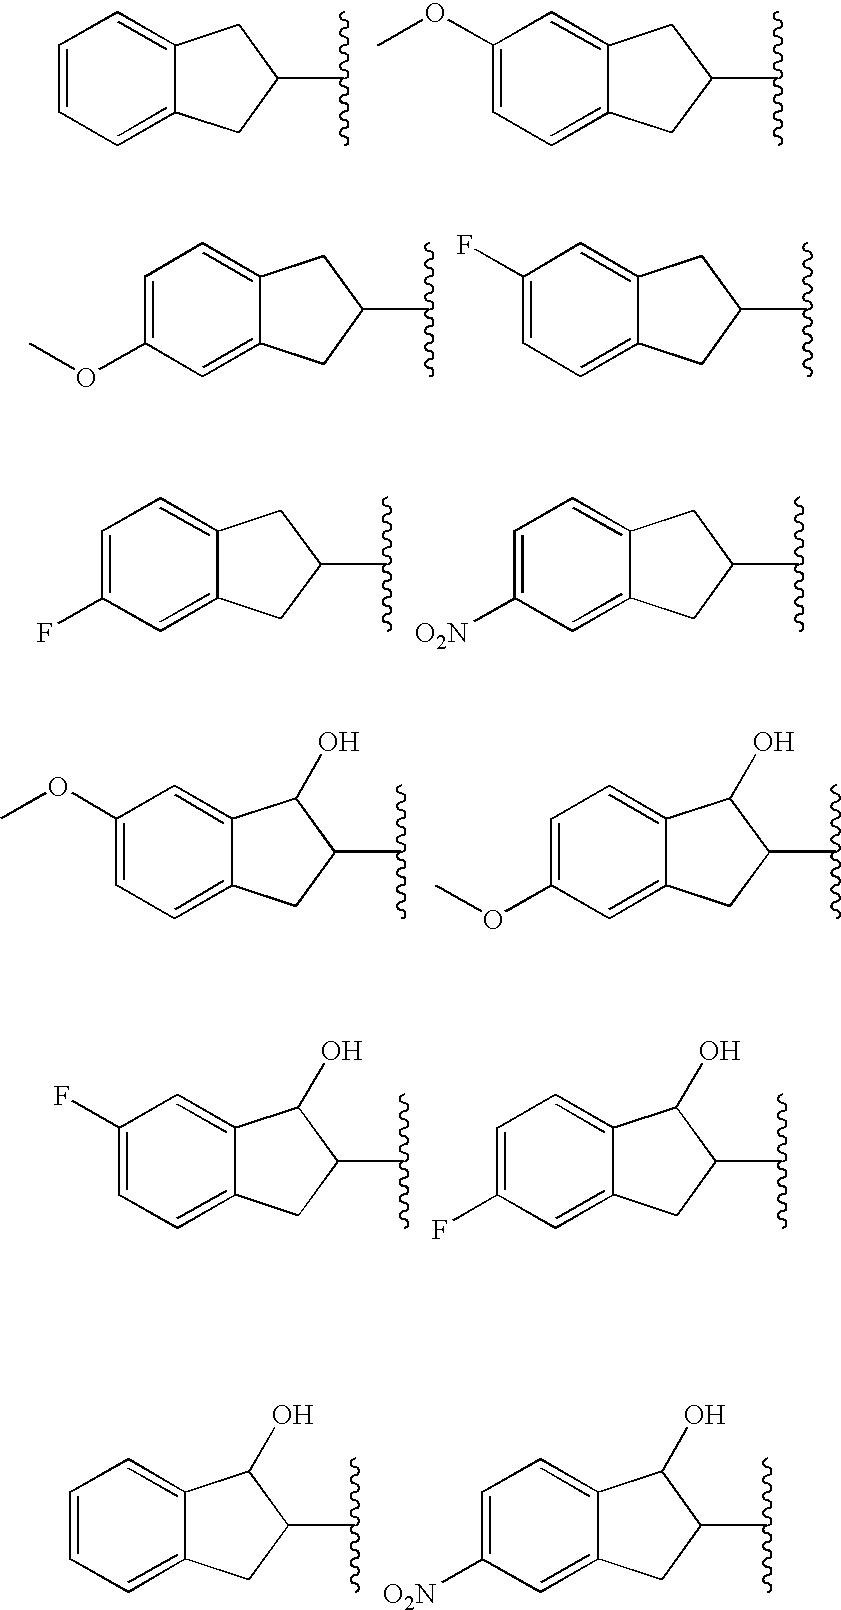 Figure US20100009983A1-20100114-C00192